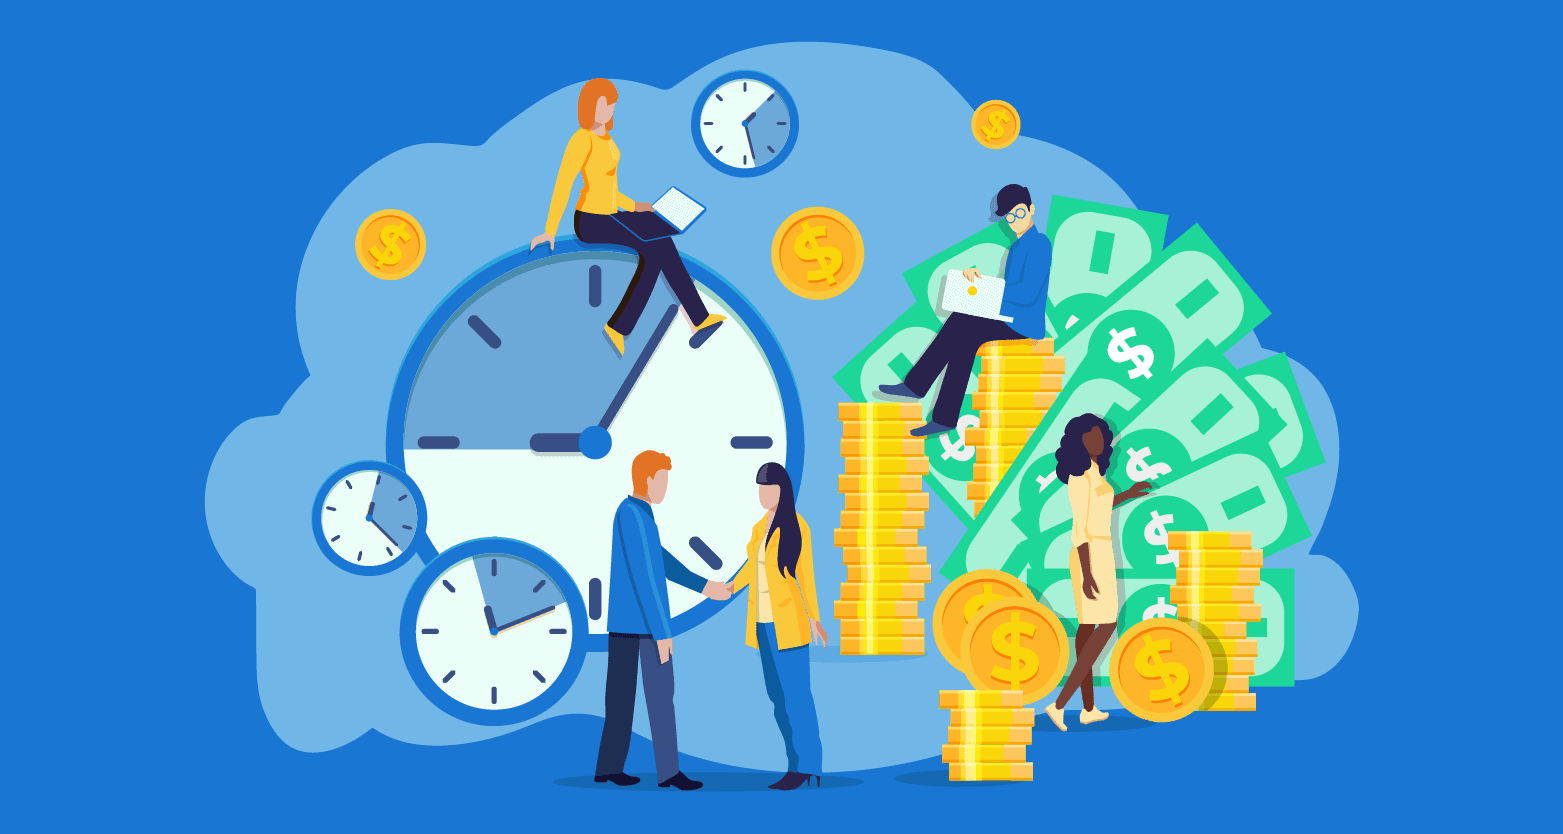 Ilustração sobre o fato de que pessoas ricas preferem ser remuneradas pelo resultado